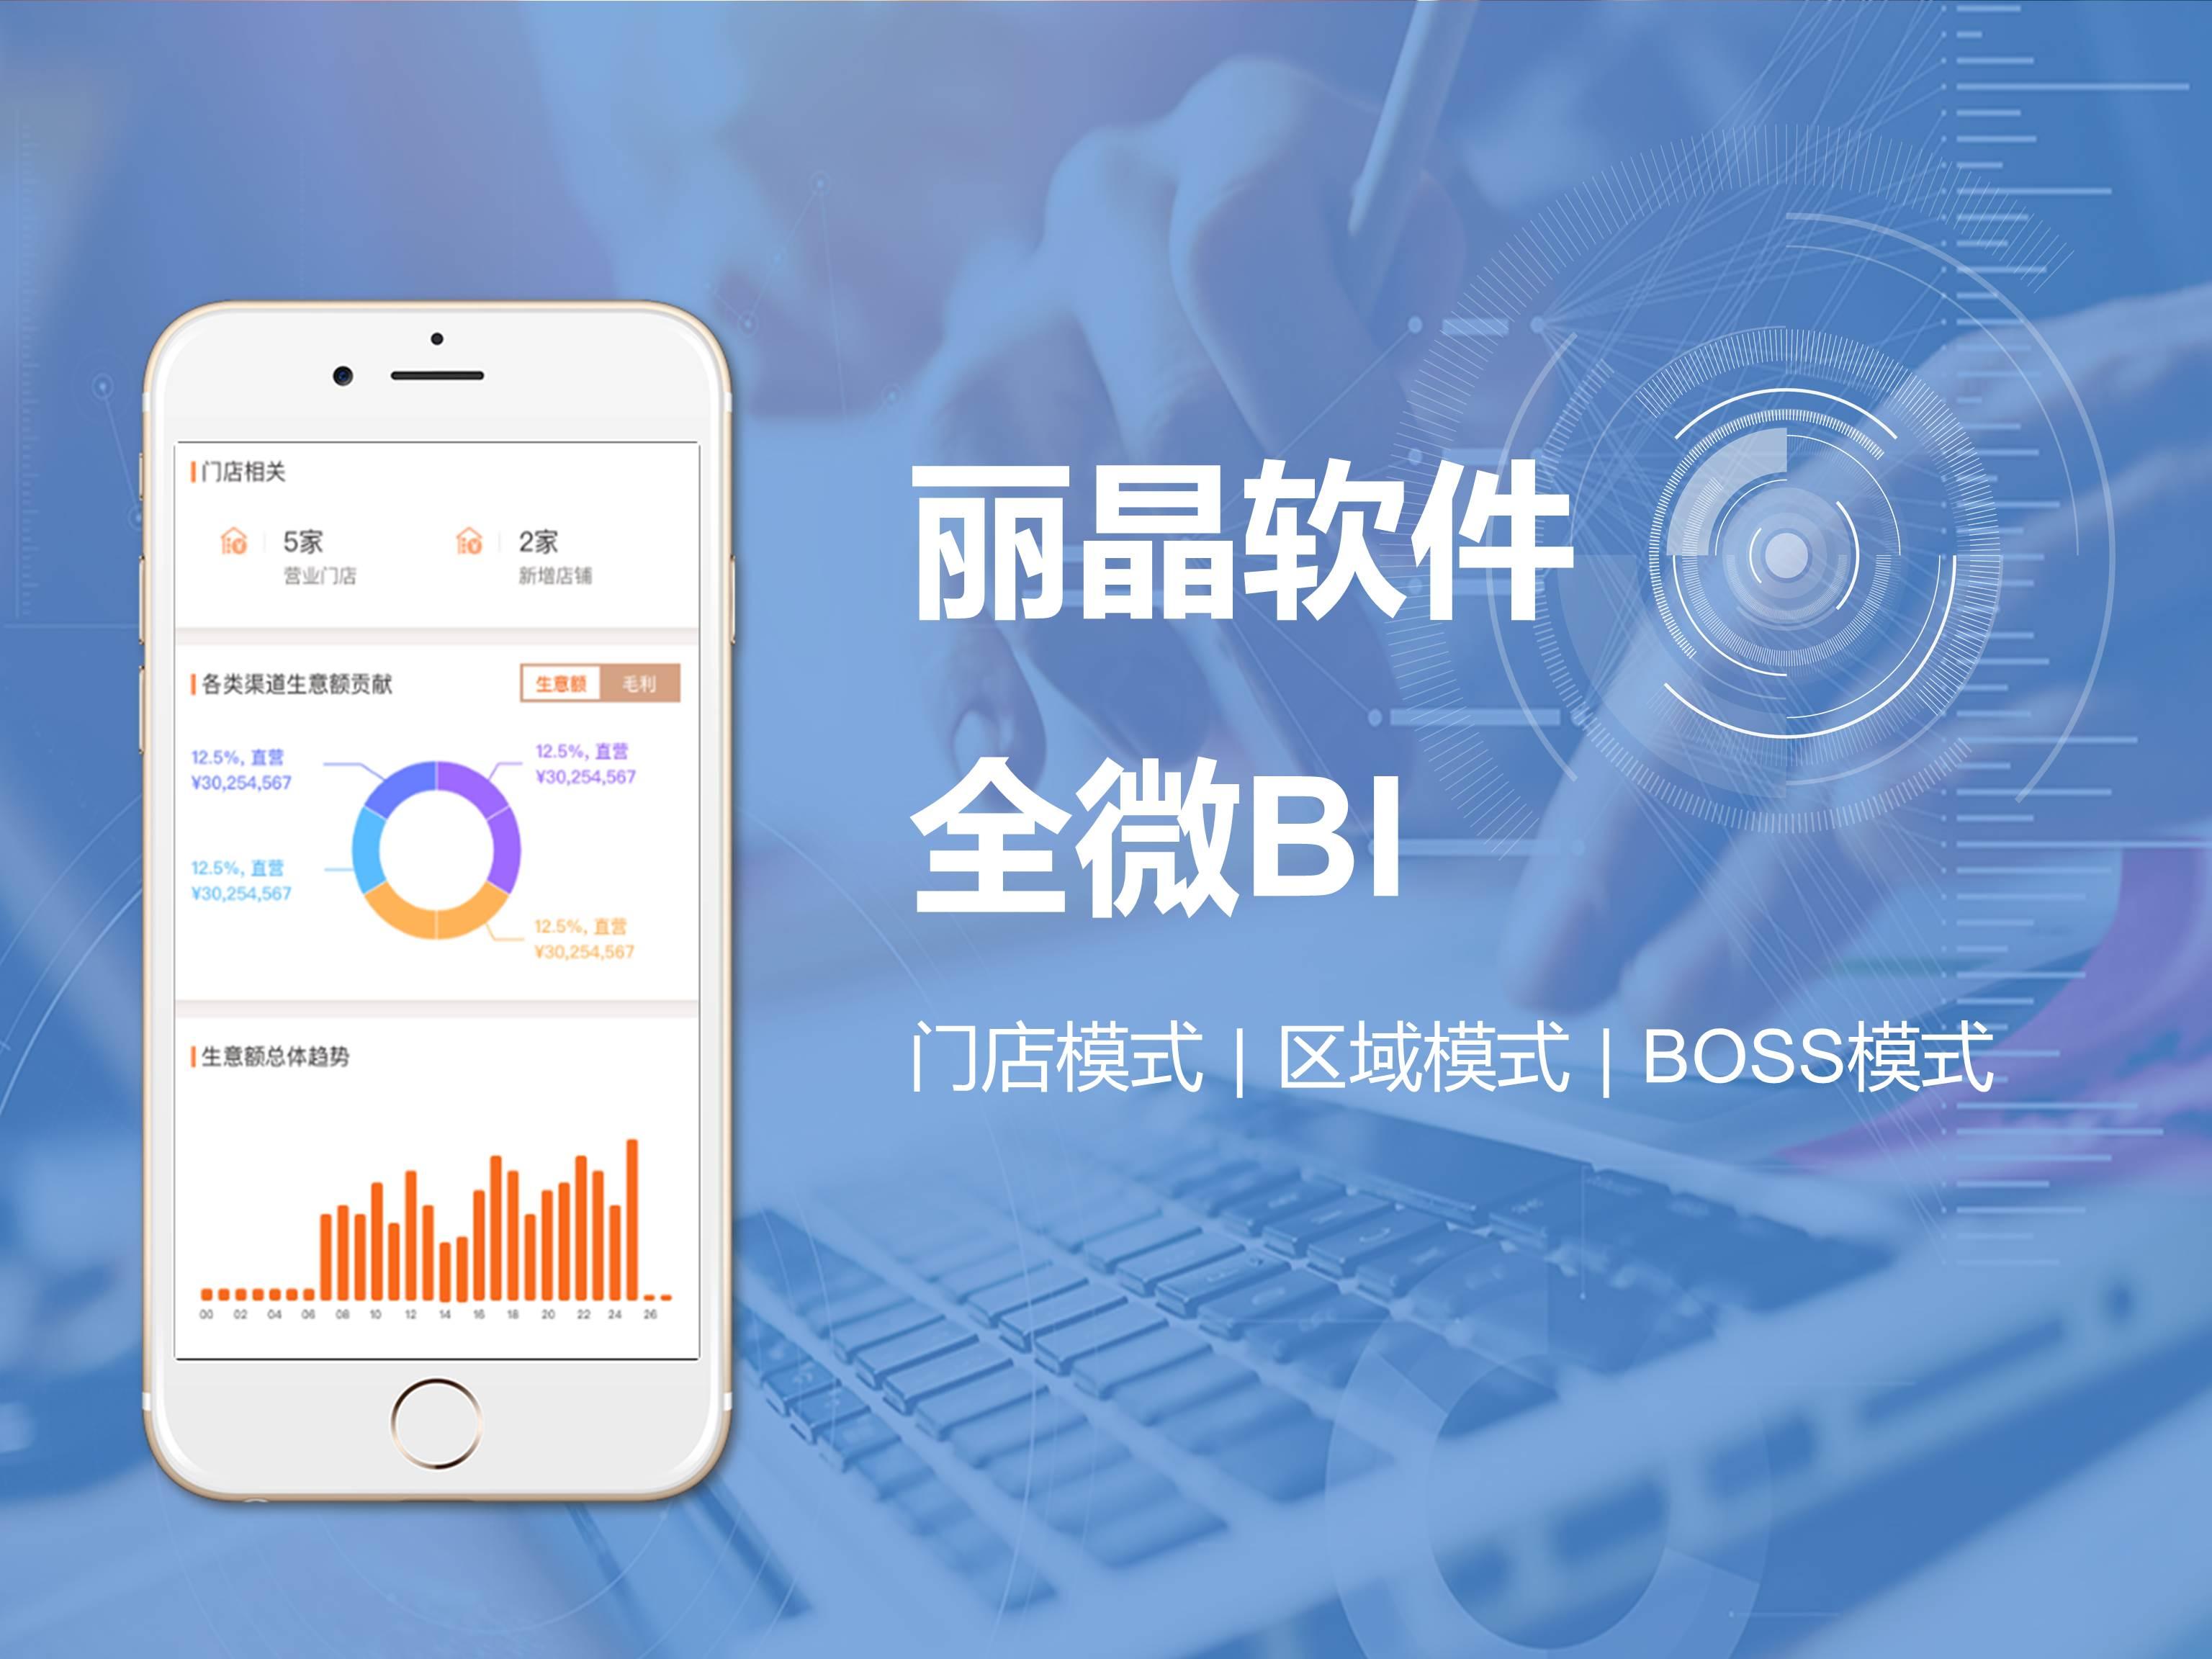 丽晶全微BI 手机报表 移动数据分析 移动报表 BOSS报表 库销情况分析 生意分析 销售报表